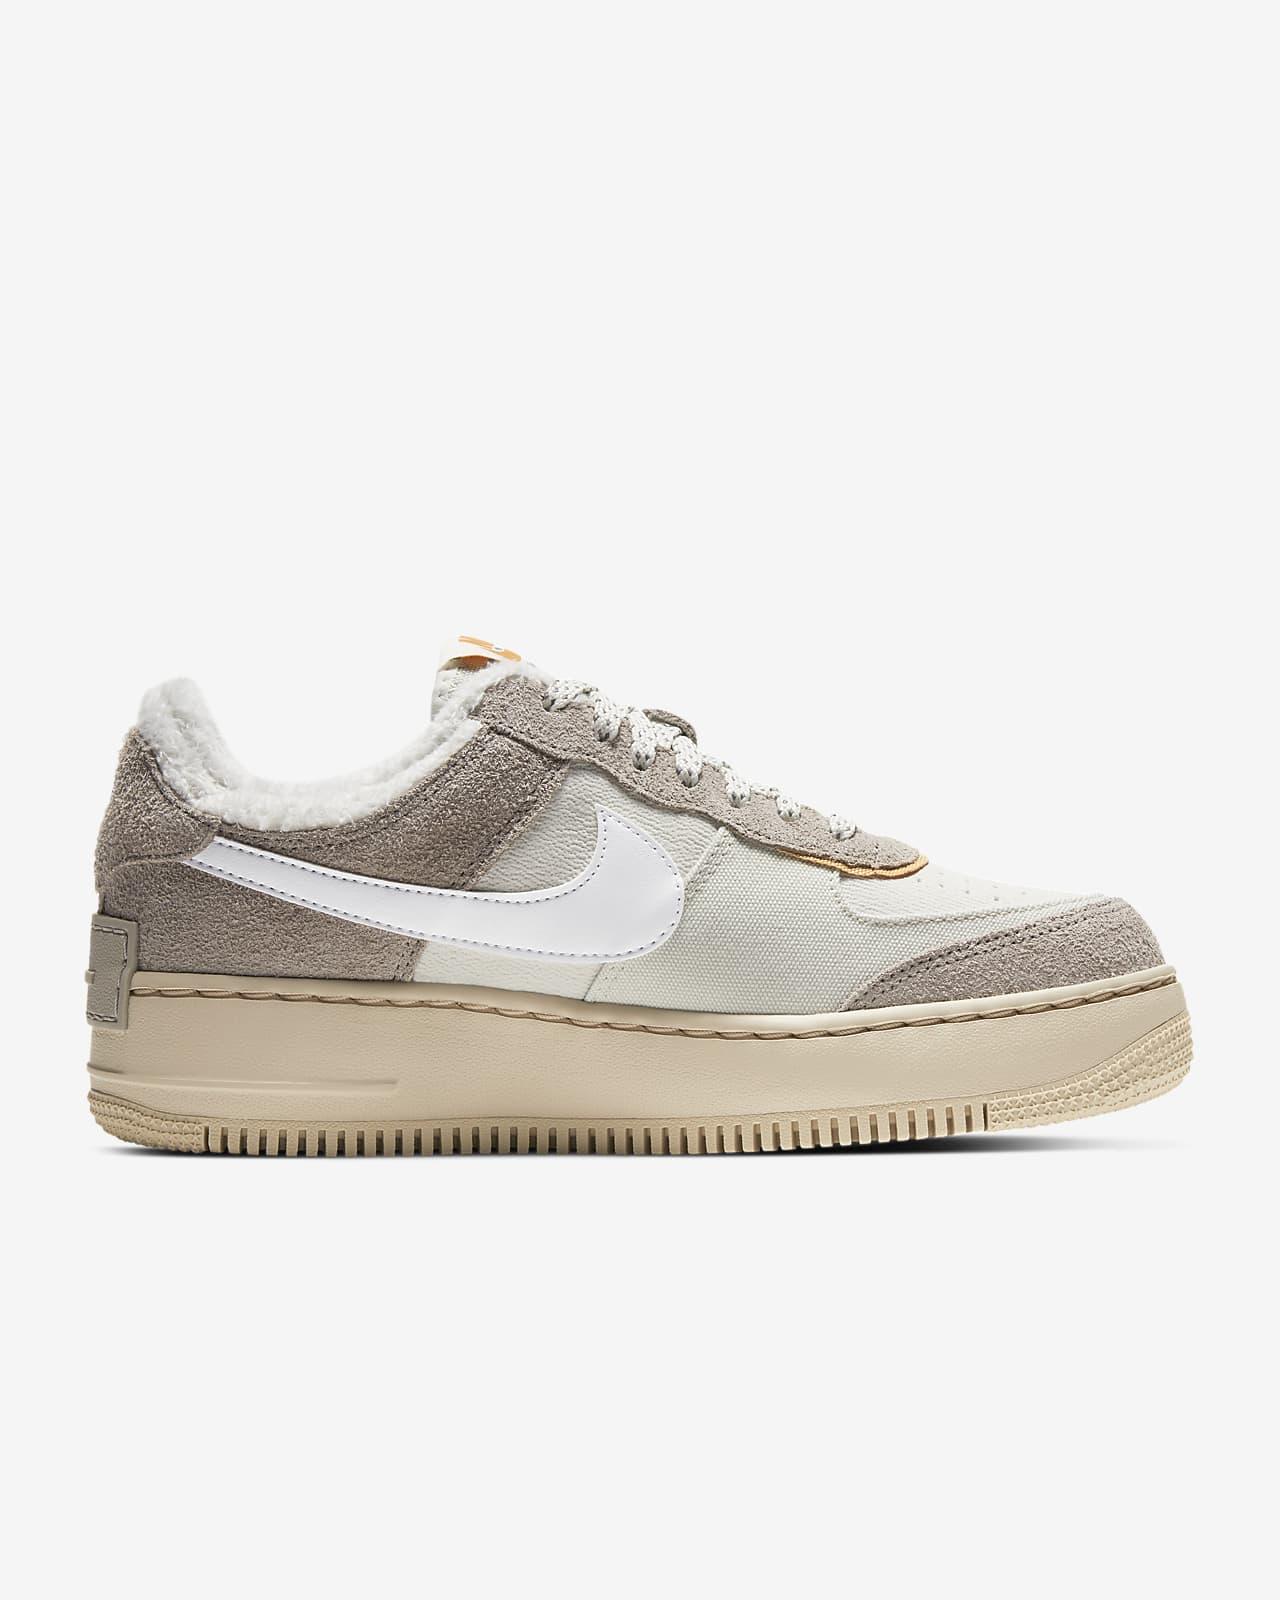 Nike Air Force 1 Shadow Women S Shoe Nike In Nike air force 1 shadow kedai buvo sukurti specialiai moterims, kurios vertina laikui nepavaldų kultinių af1 dizainą, tačiau taip pat mėgsta išsiskirti iš minios ir neatsilikti nuo naujausių tendencijų. nike air force 1 shadow women s shoe